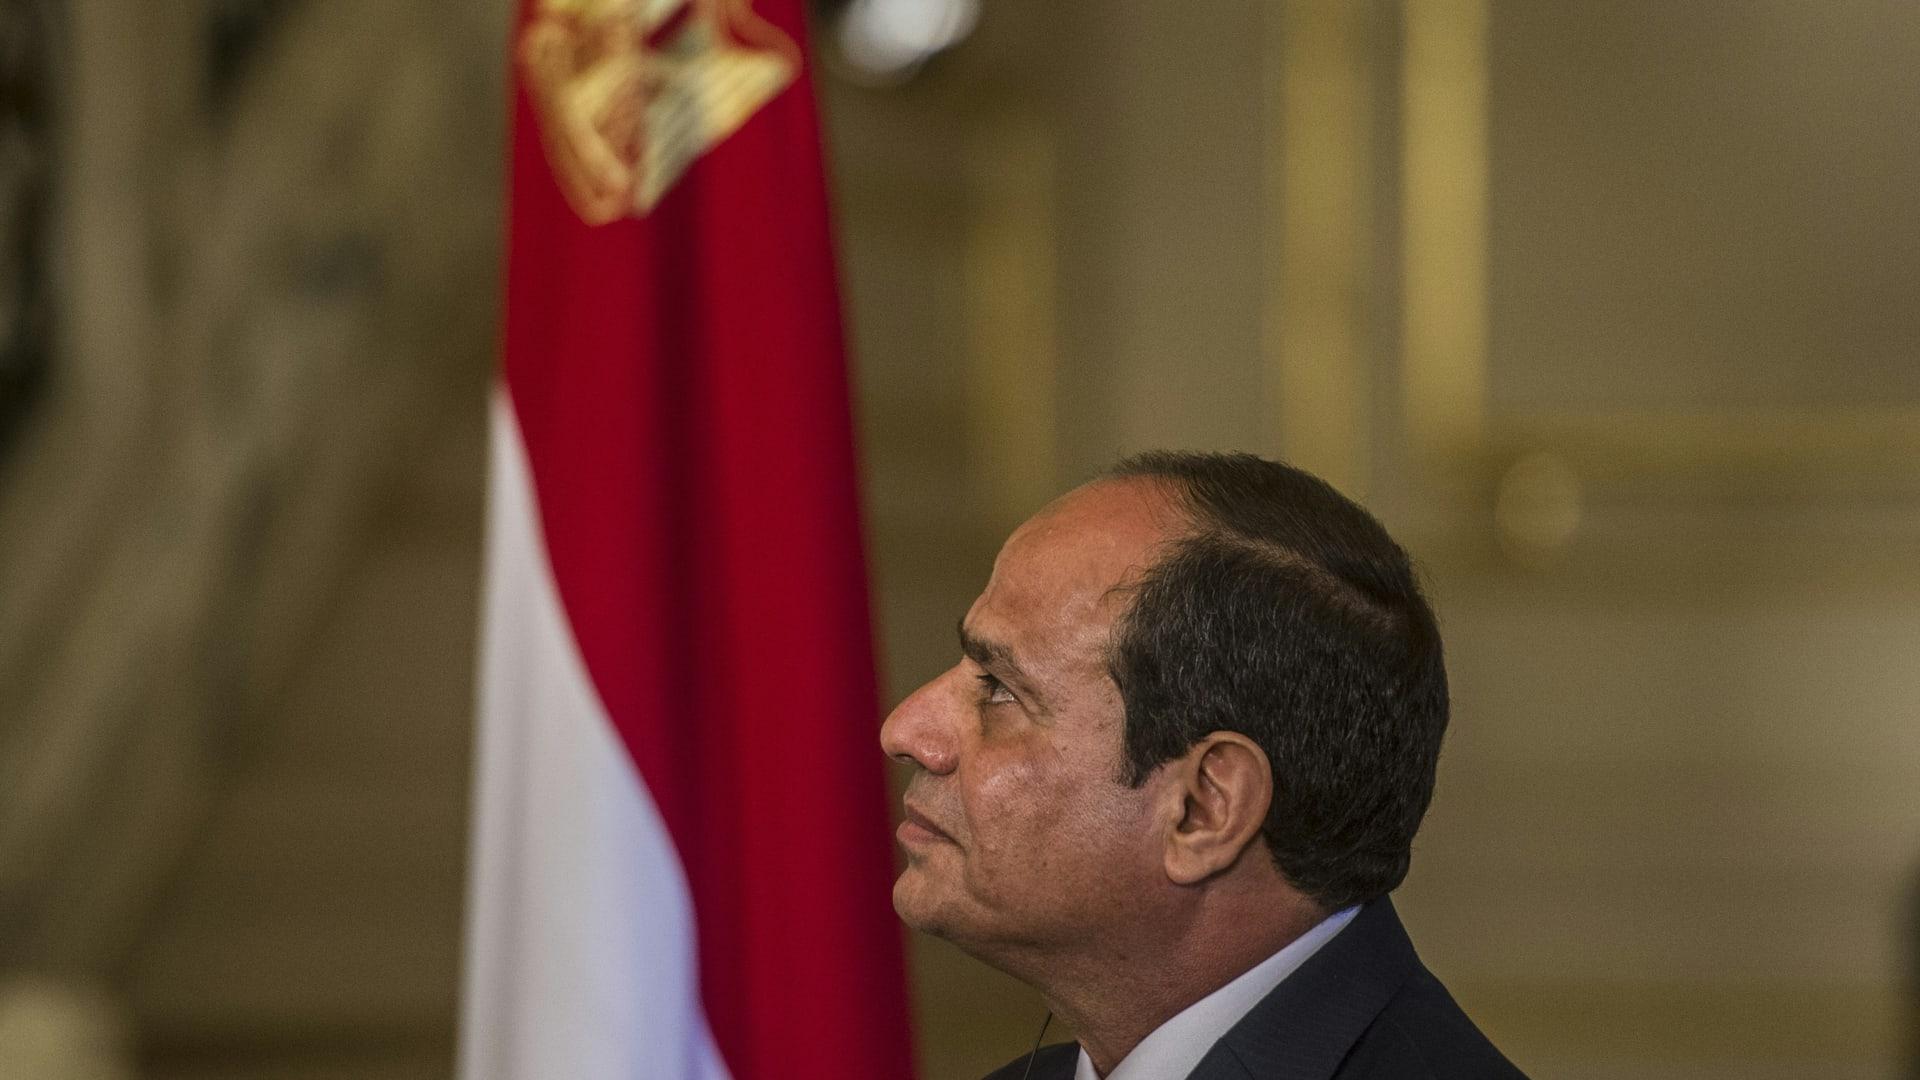 """مصر تنفي صحة """"تسريبات القدس"""" ويسرا تهدد باللجوء للقضاء"""